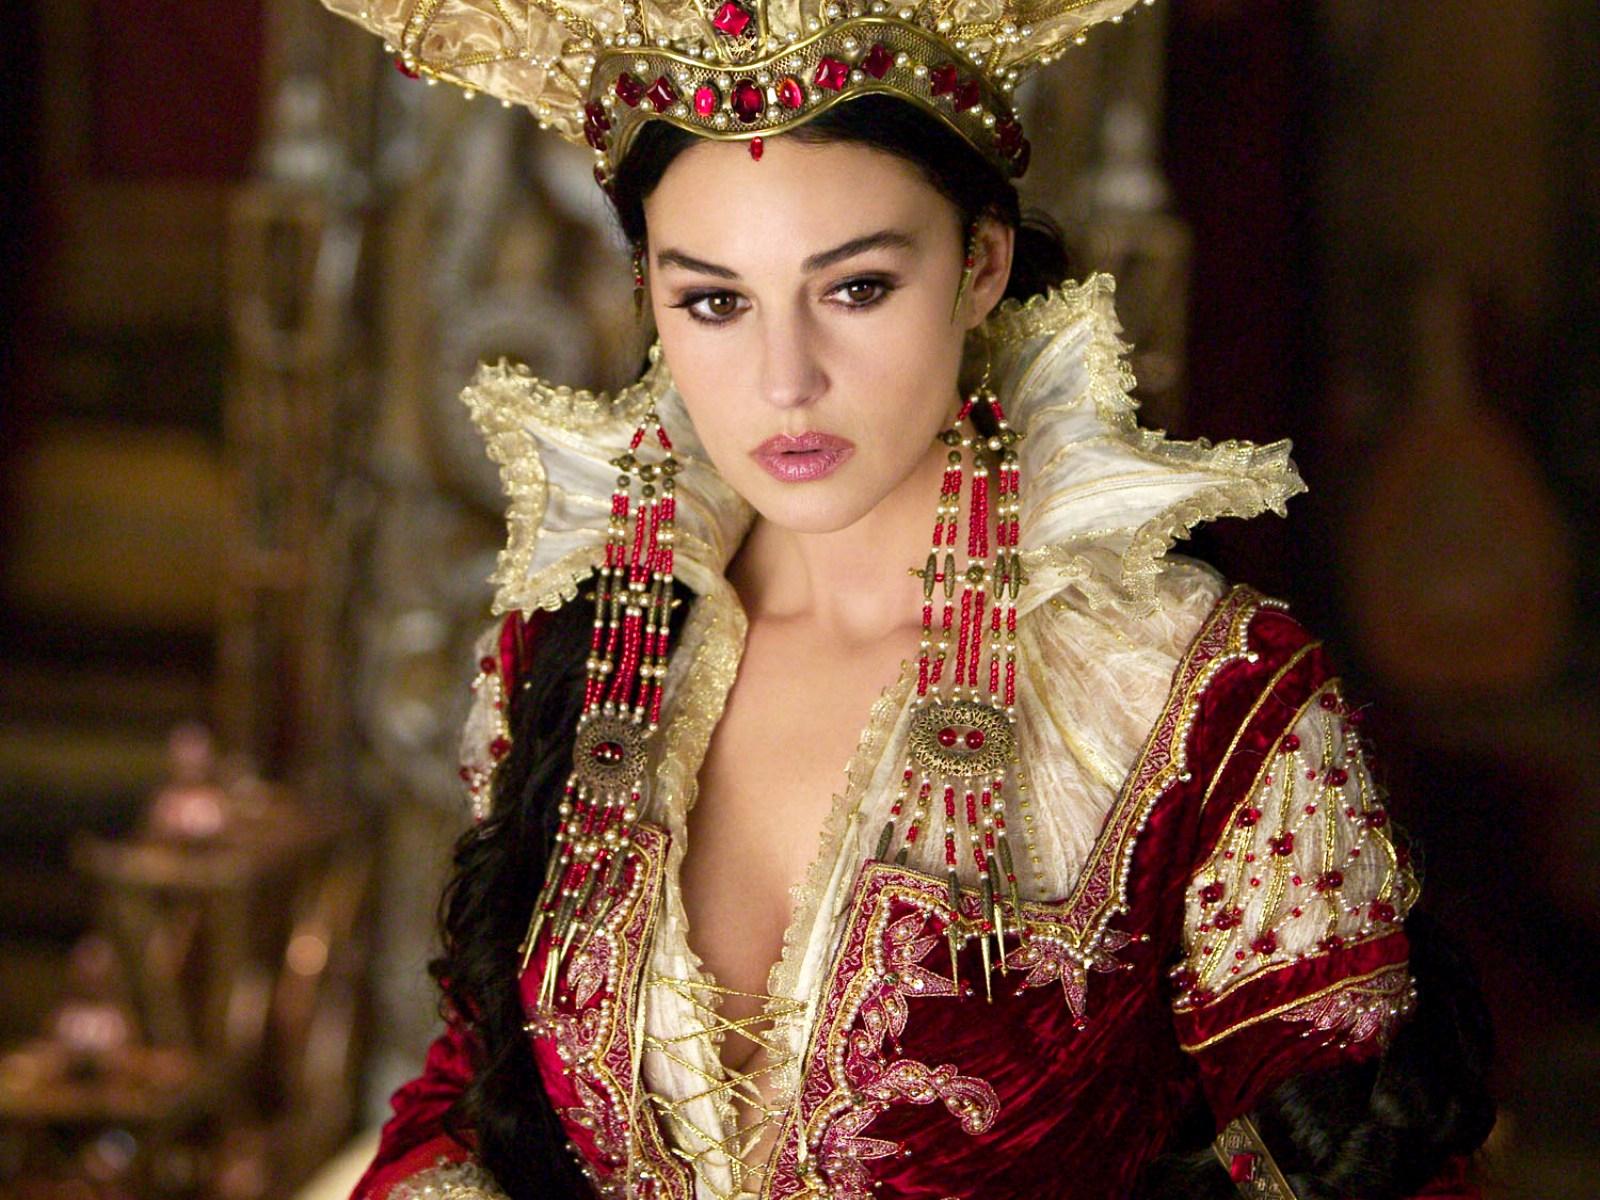 царская актриса модель